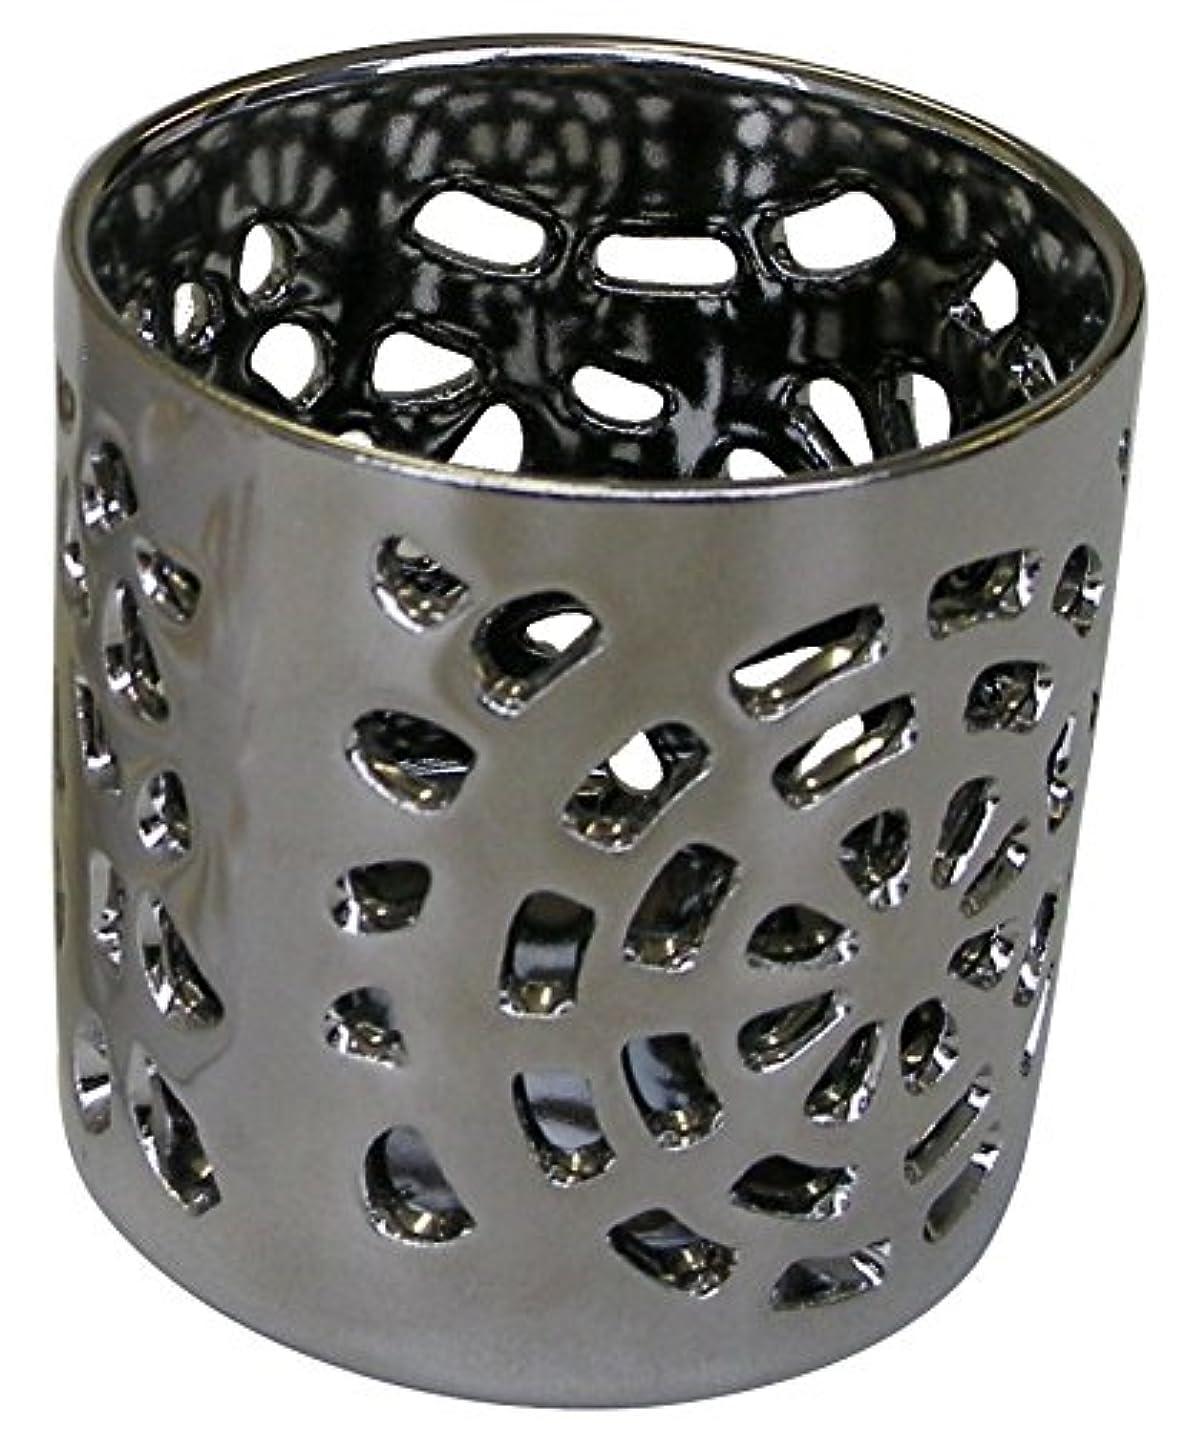 スライムネックレットの間でマルエス 陶器製 燭台 月輪 シルバー